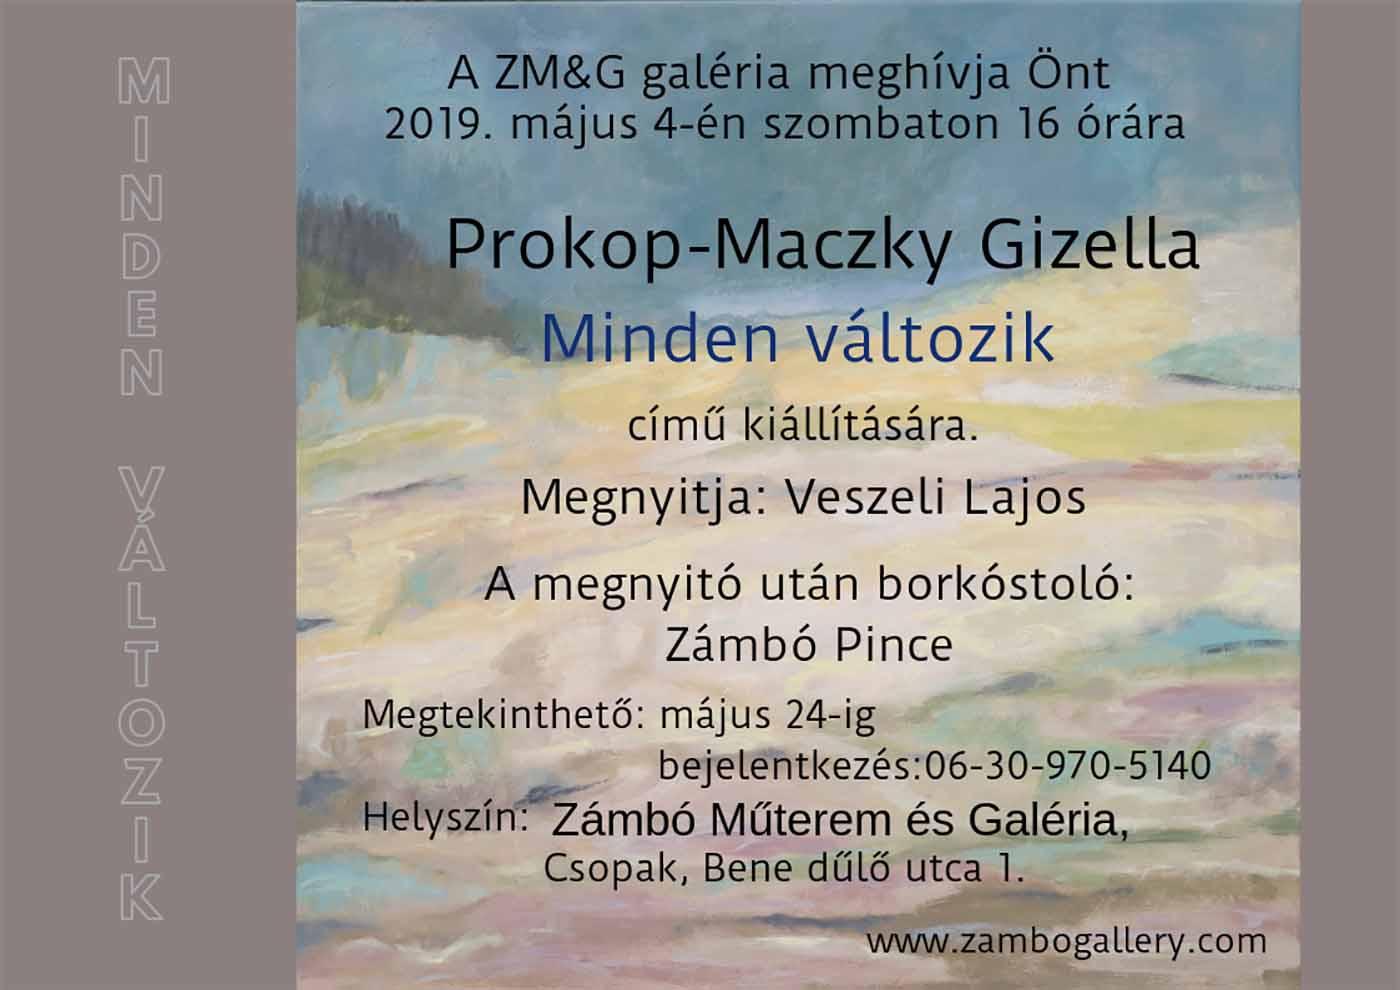 """""""Minden változik"""", ZM&G Galéria, Csopák, Hungary"""